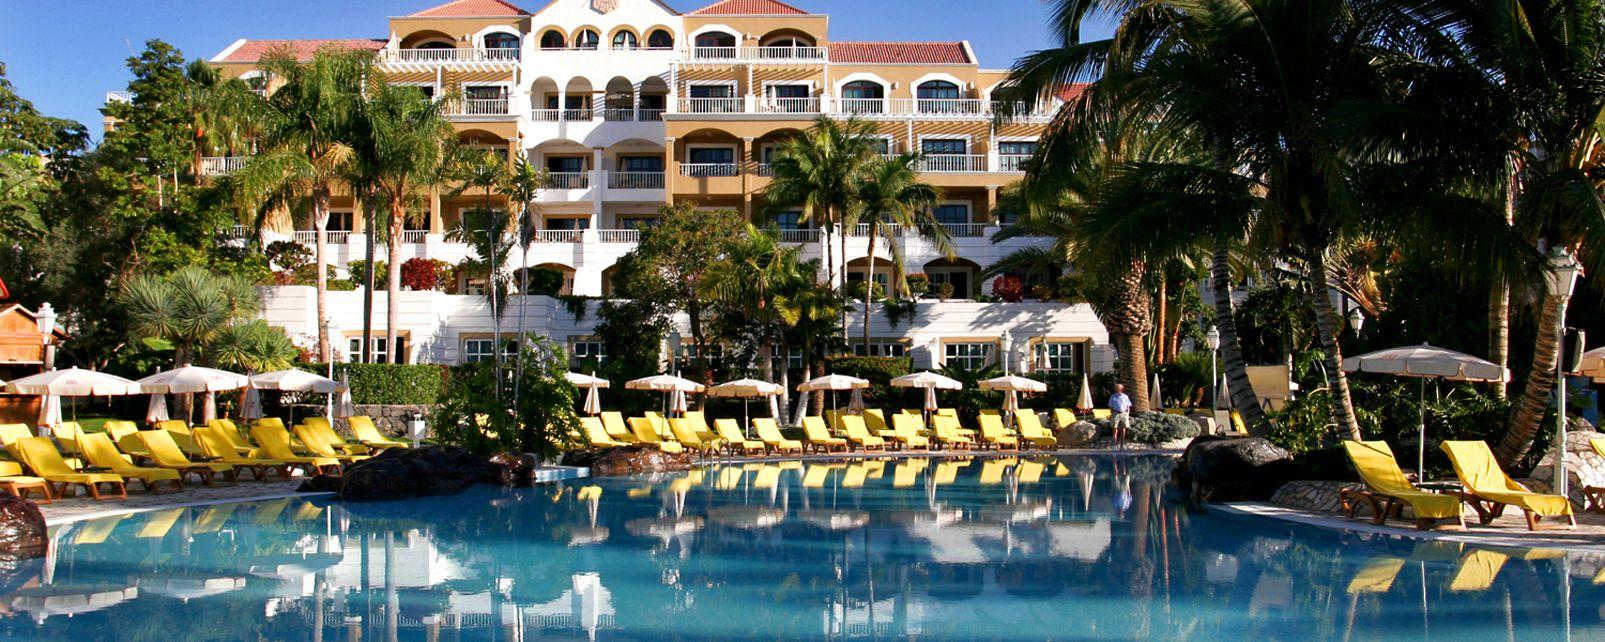 H tel jardines de nivaria costa adeje for Hotel husa jardines de albia